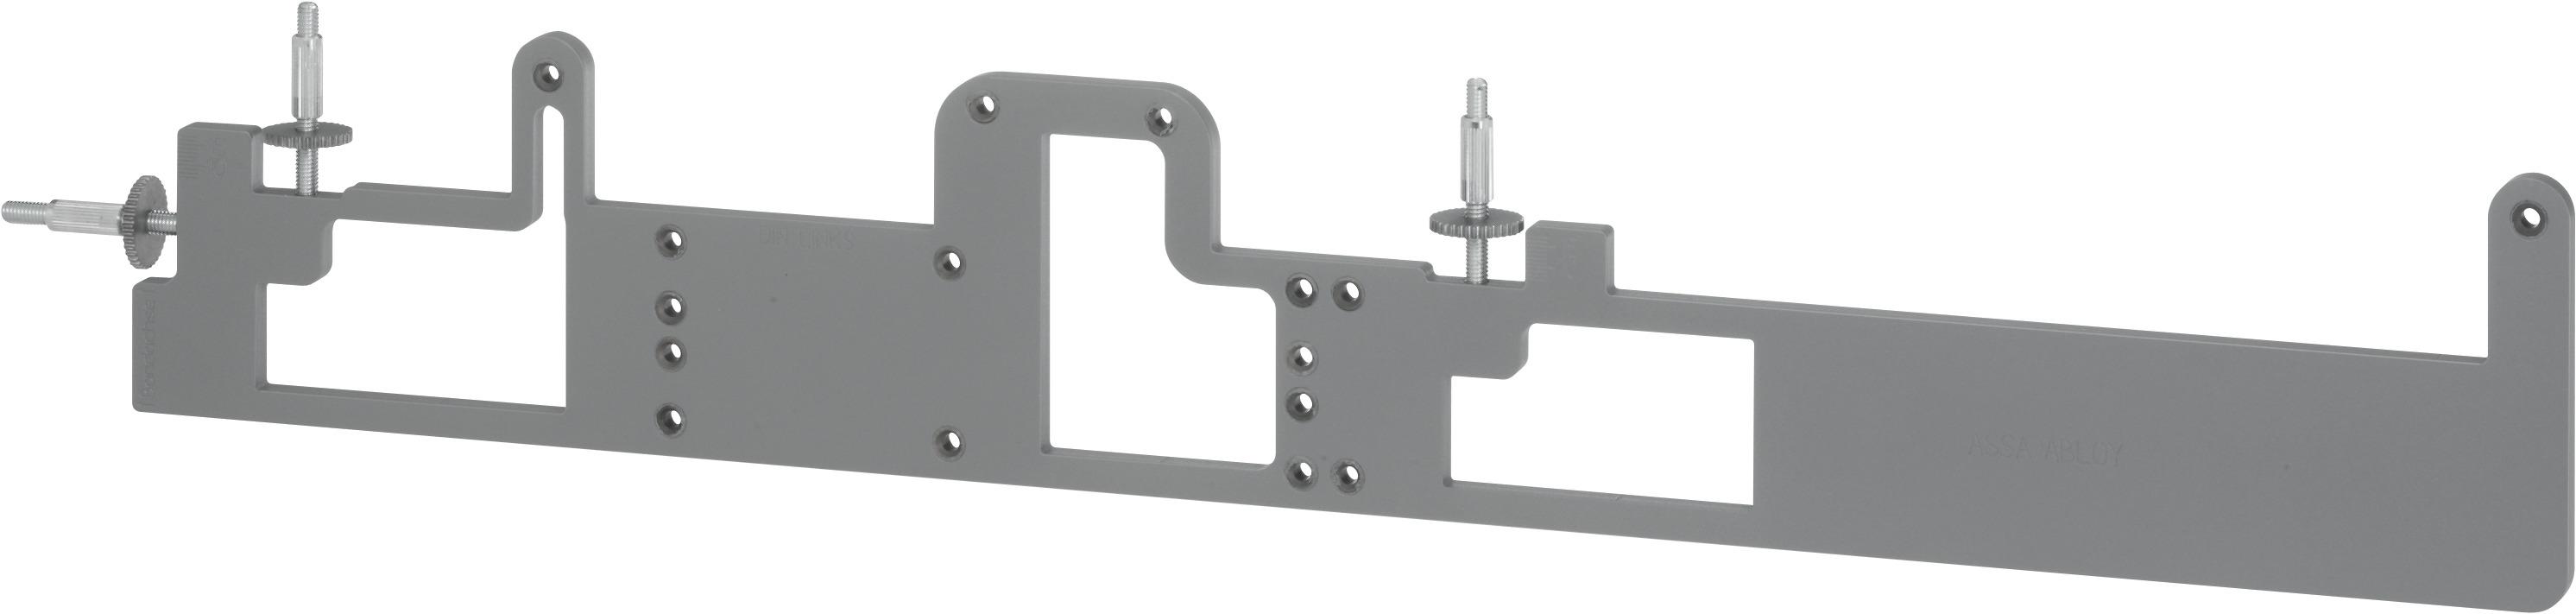 Универсальный шаблон для сверления A176 Универсальный шаблон для сверления к моделям дверных доводчиков DC700, DC500, DC336 и DC200 Для установки с внешней стороны